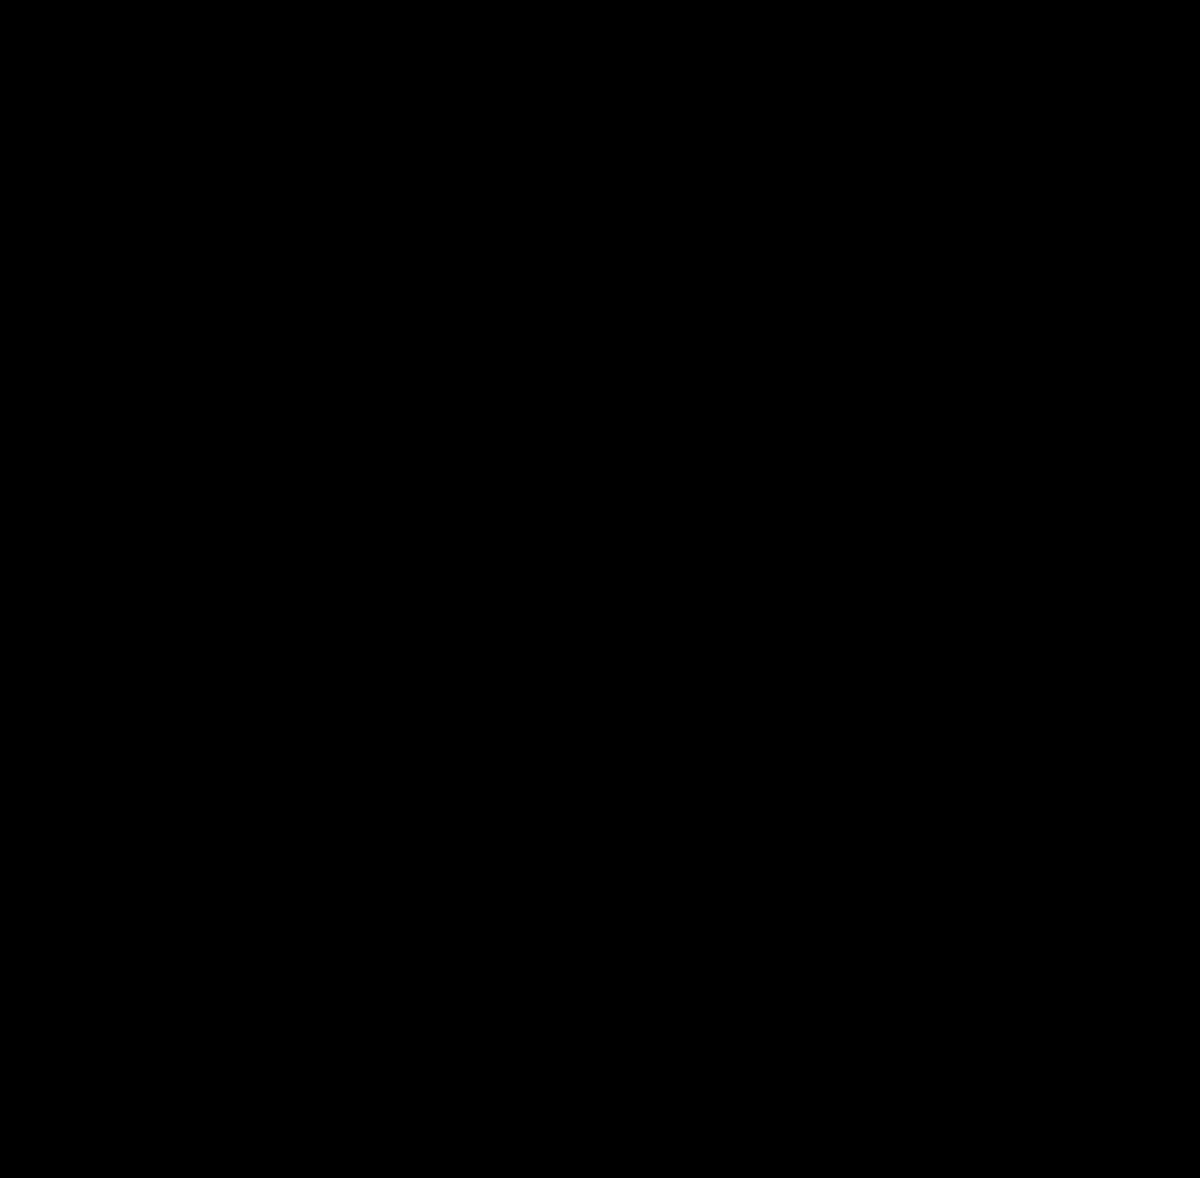 Ditto – Vogelhuis met 2 Vogel Sleutelhangers Roze – Groen / Samenwonen Cadeau / Muurdecoratie